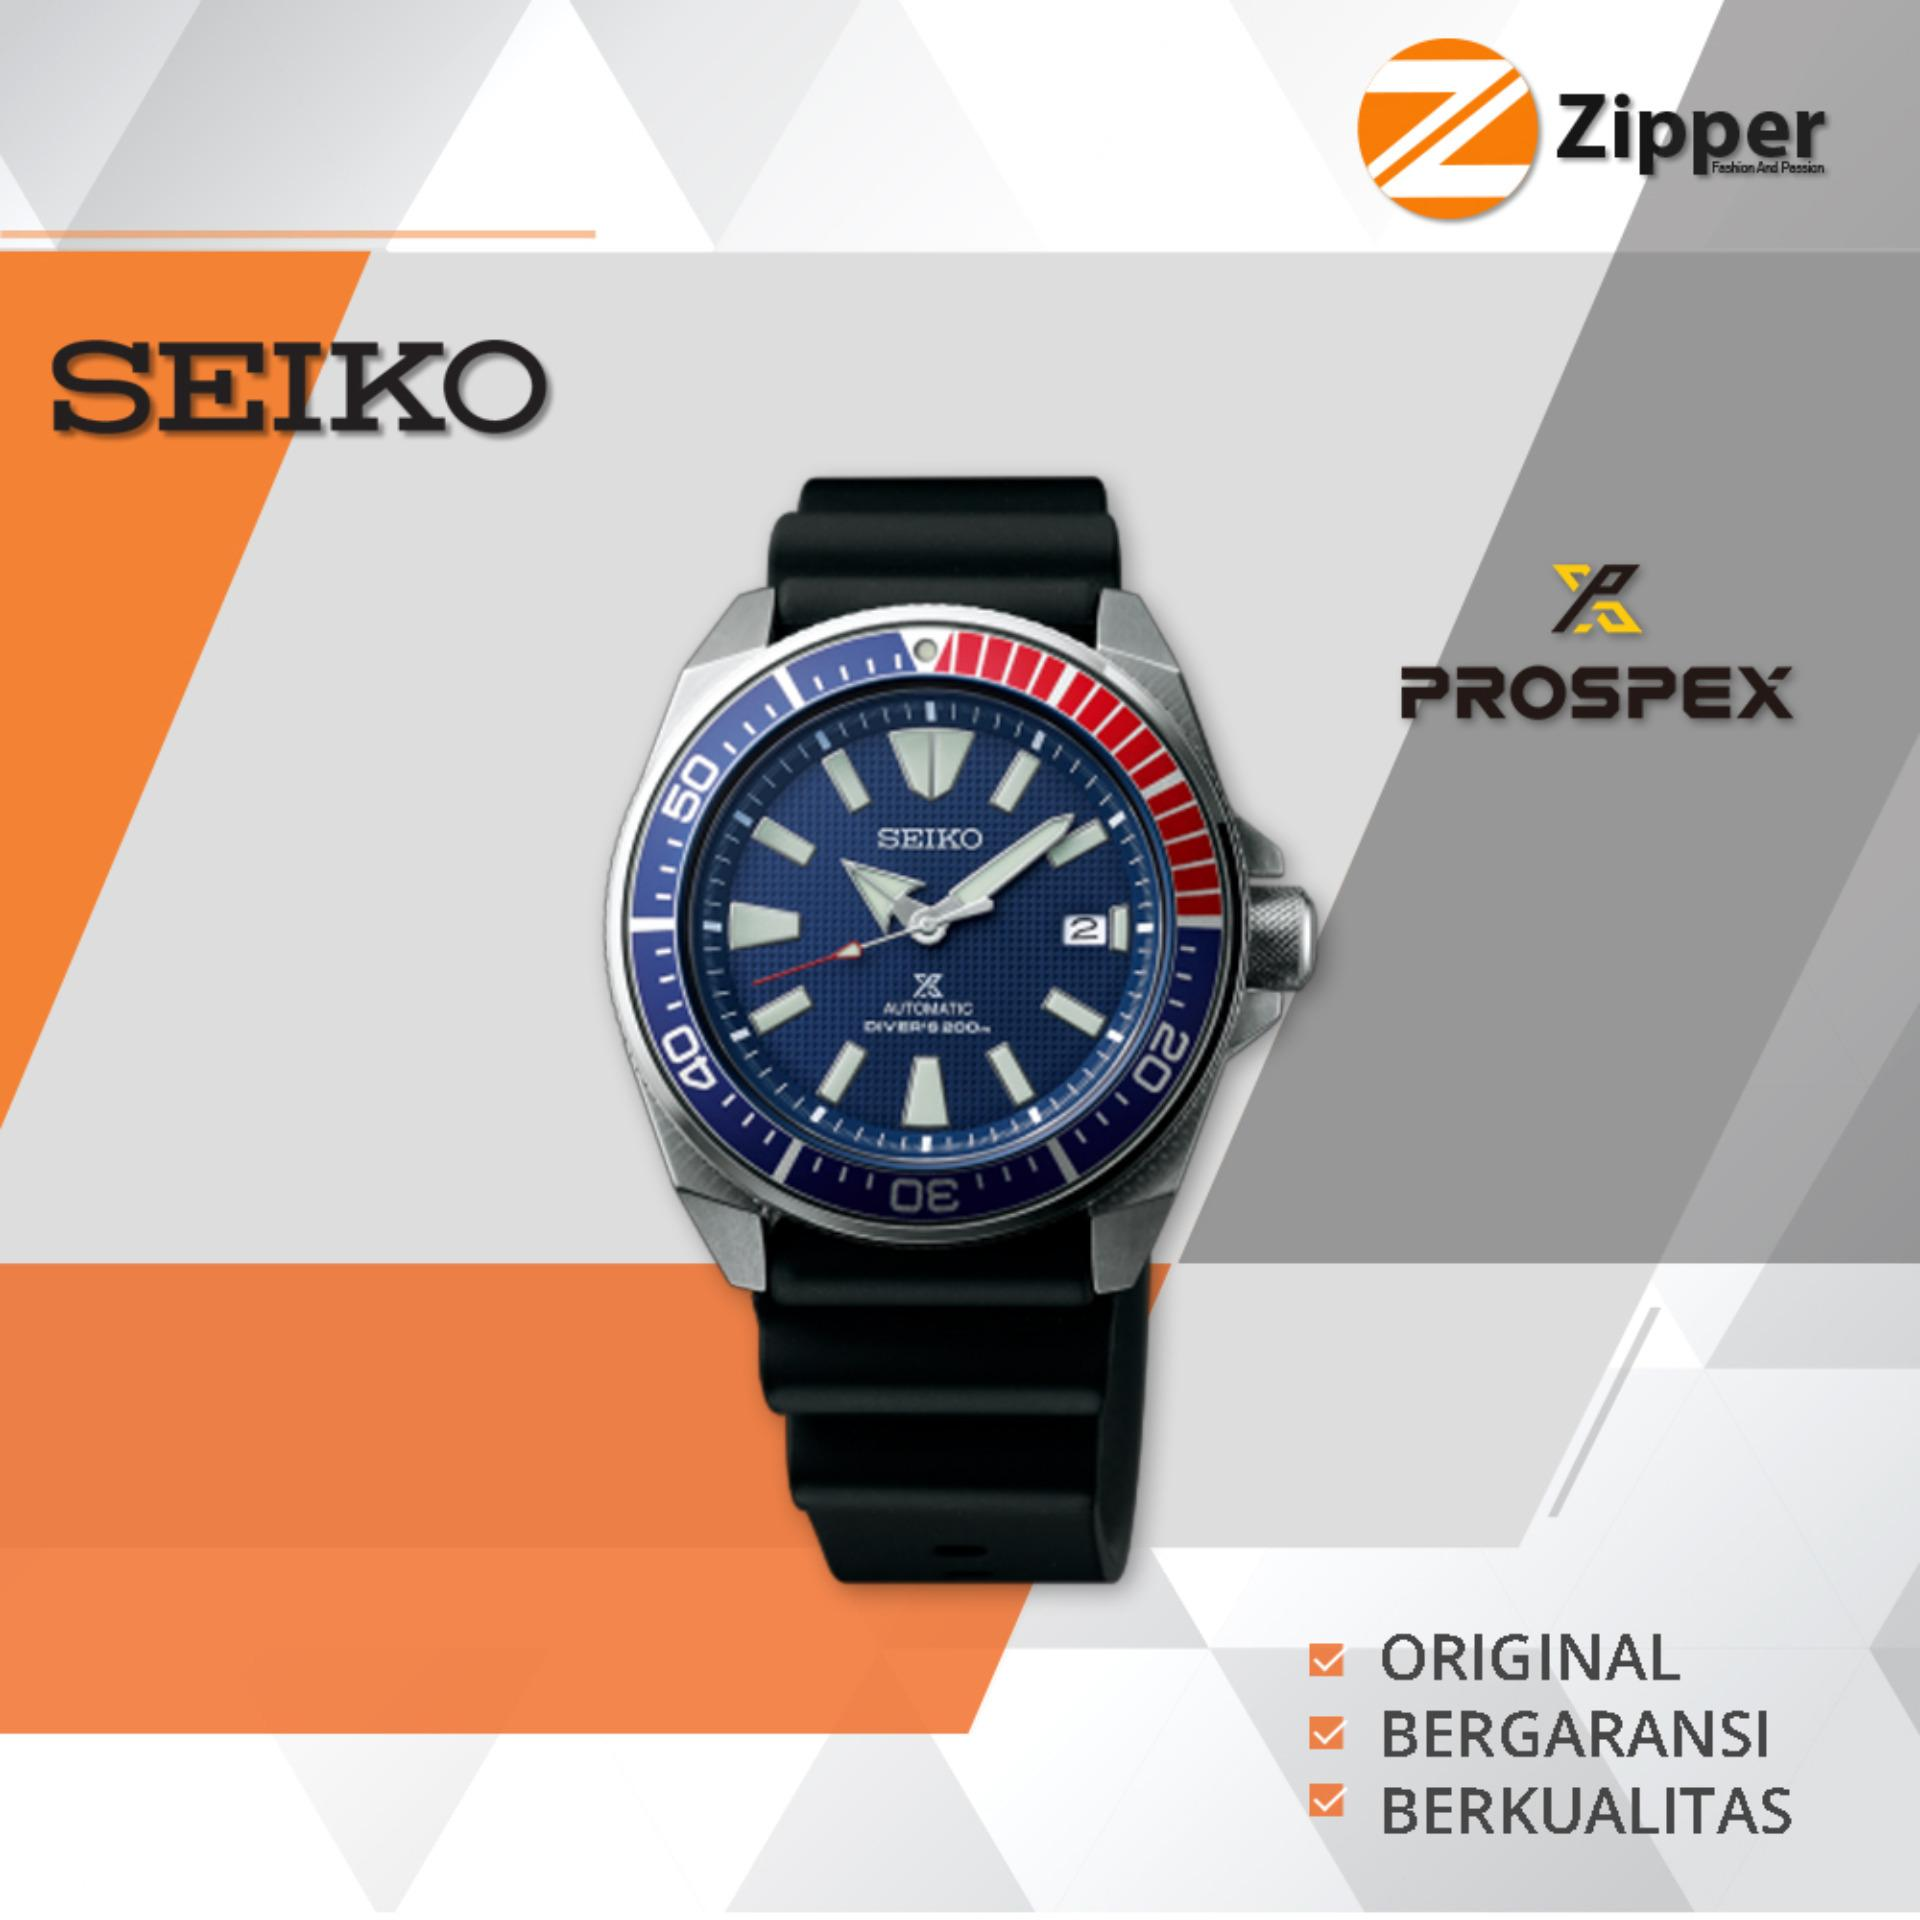 Toko Promo Seiko Prospex Sea Jam Tangan Pria Automatic Divers 200M Srpb Series Online Terpercaya